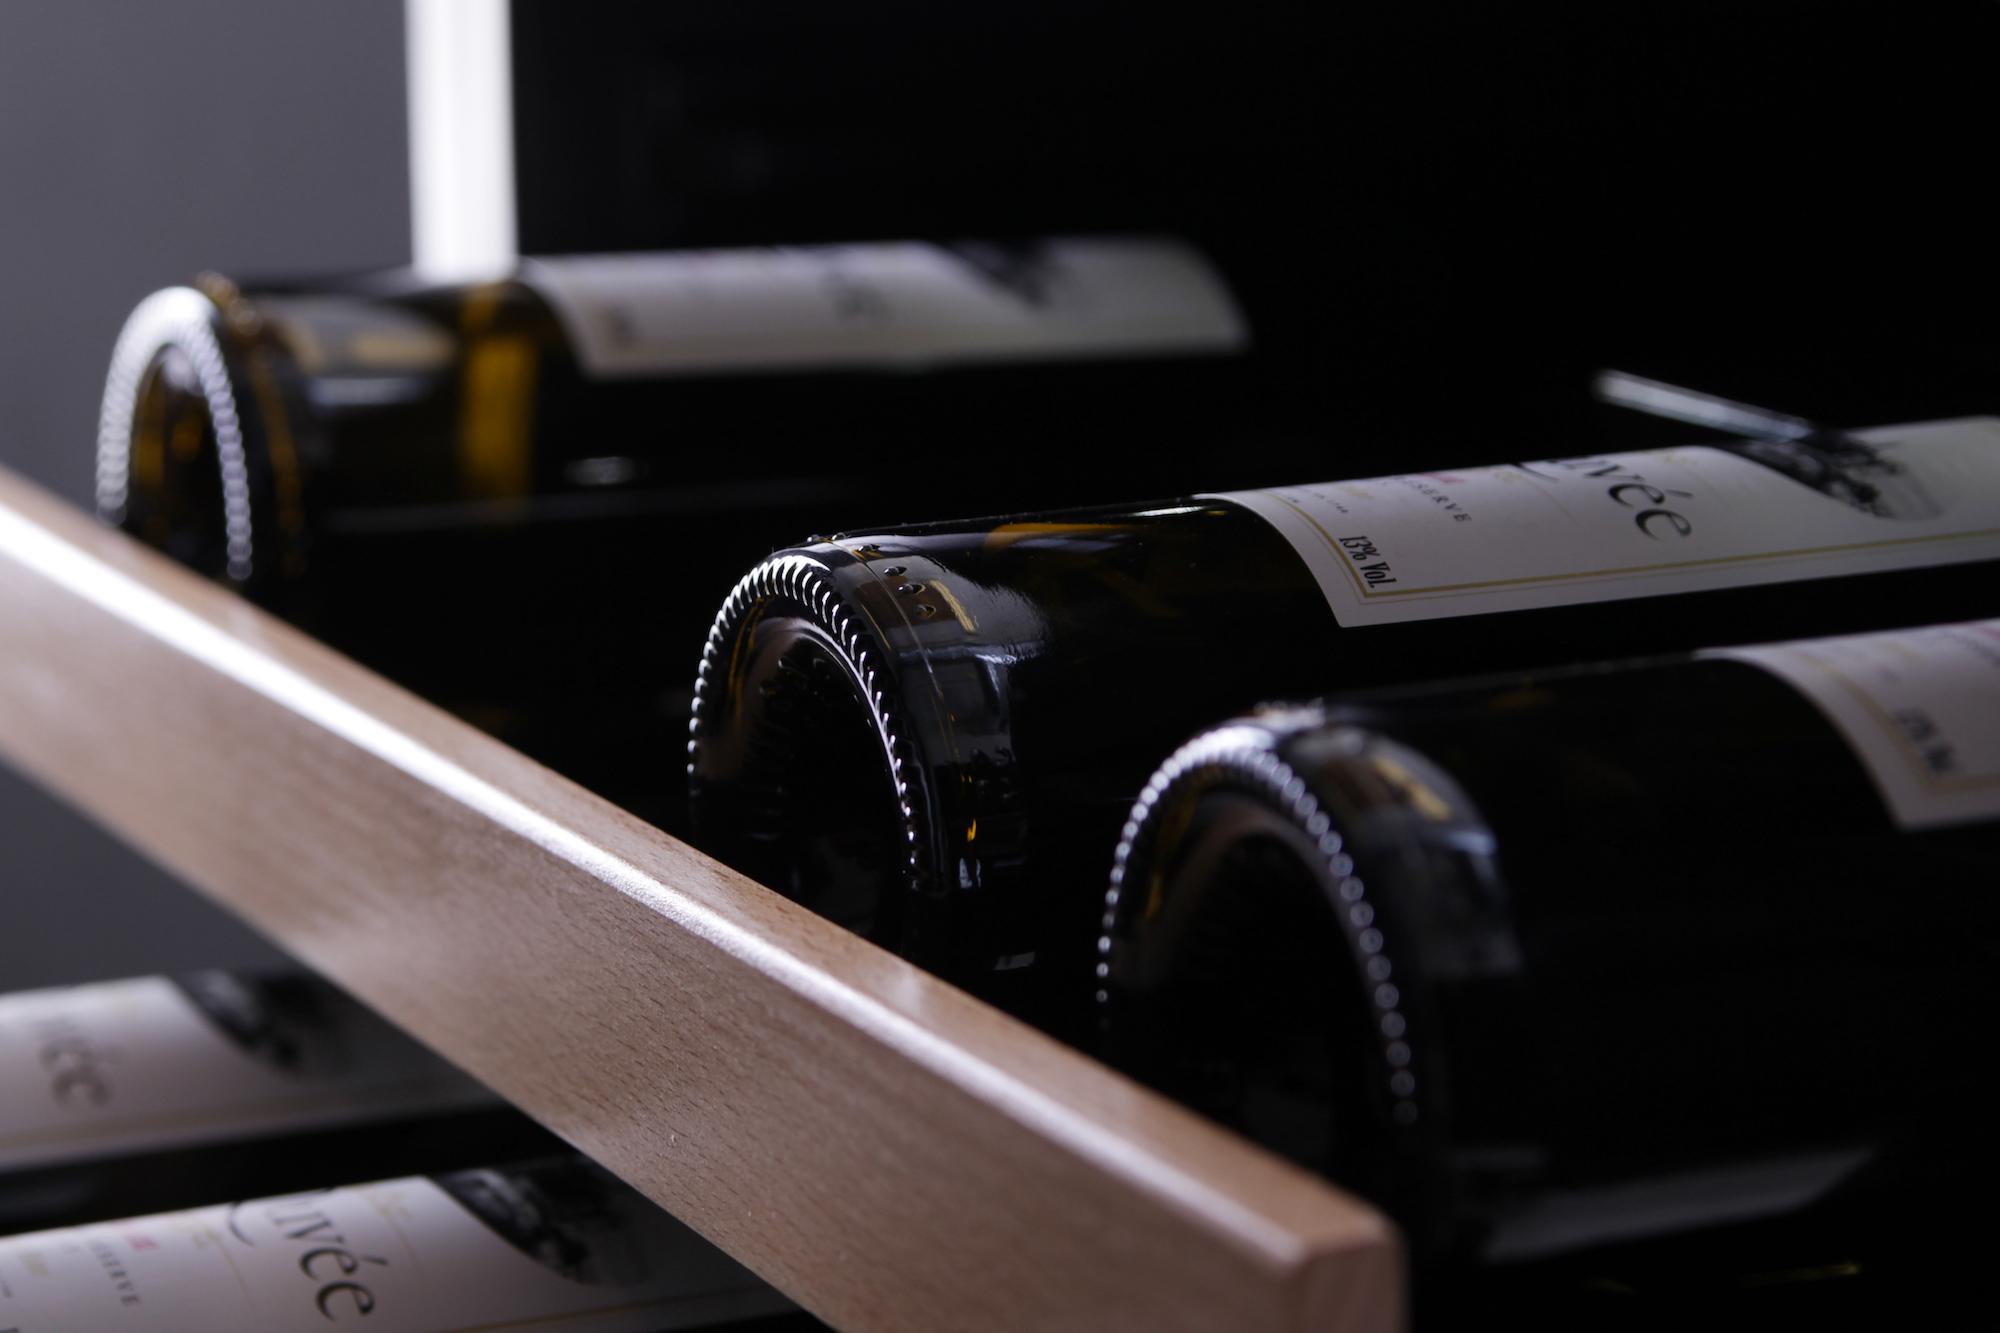 Detaljbild på vinkyl med unik design från mQuvée